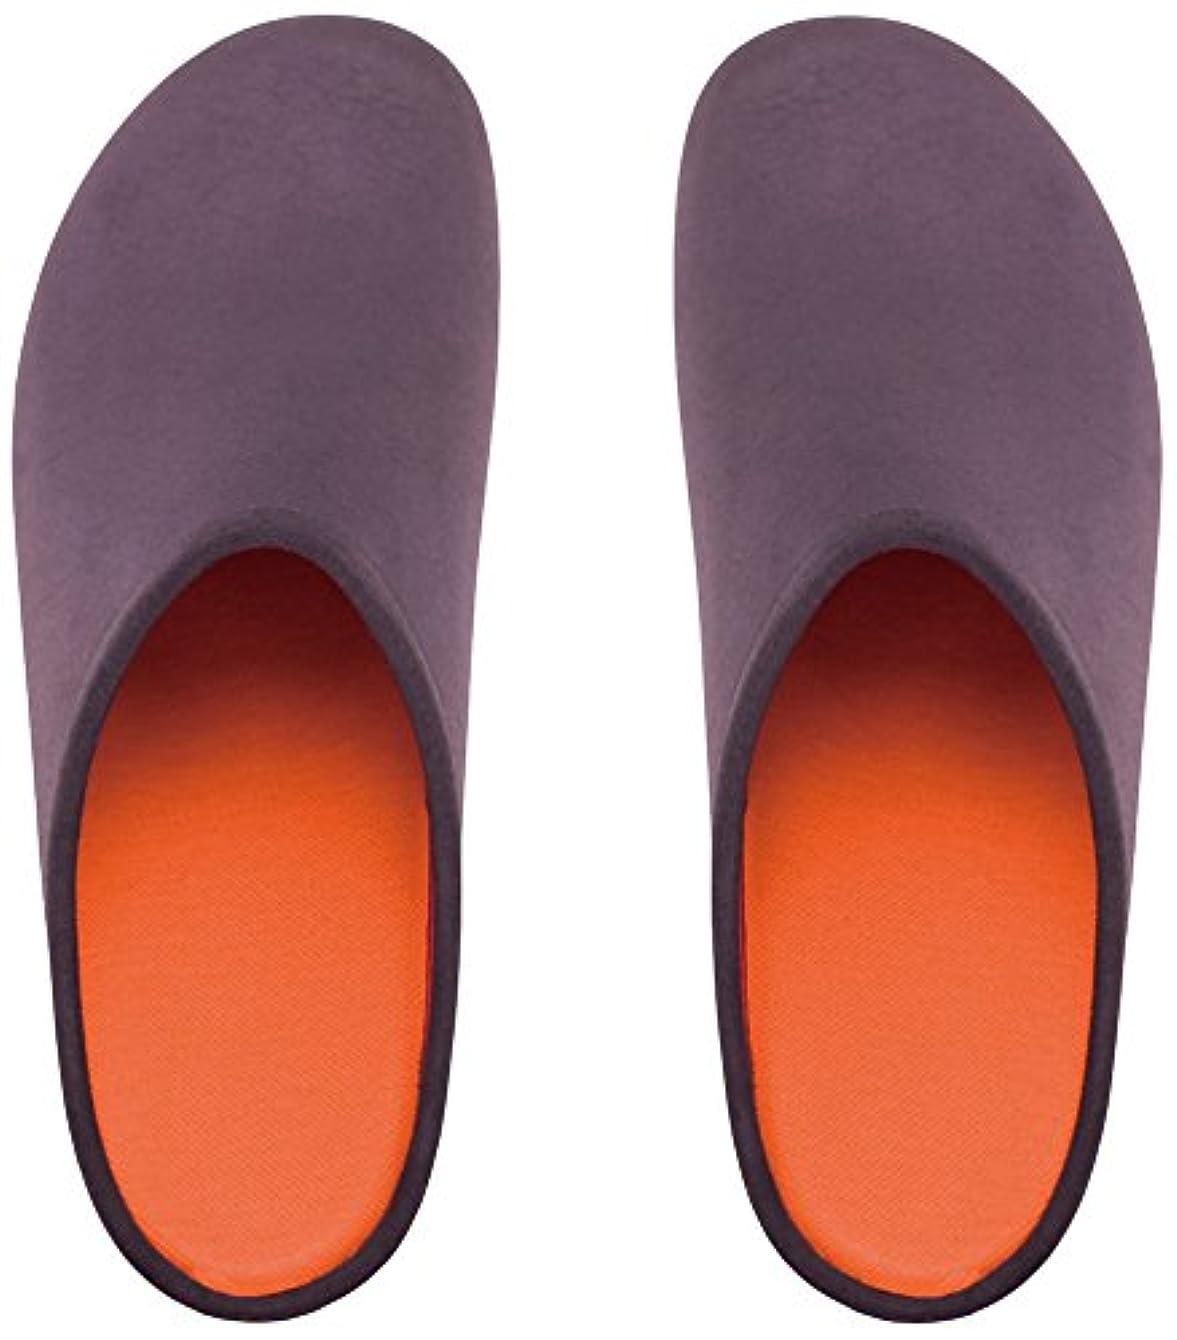 ログ常にさておきプレミアムルームシューズ「フットローブ ピエモンテ / footrobe Piemonte」プレーン(チャコール)+フェルトインソール(オレンジ)セット女性用 25.0cm